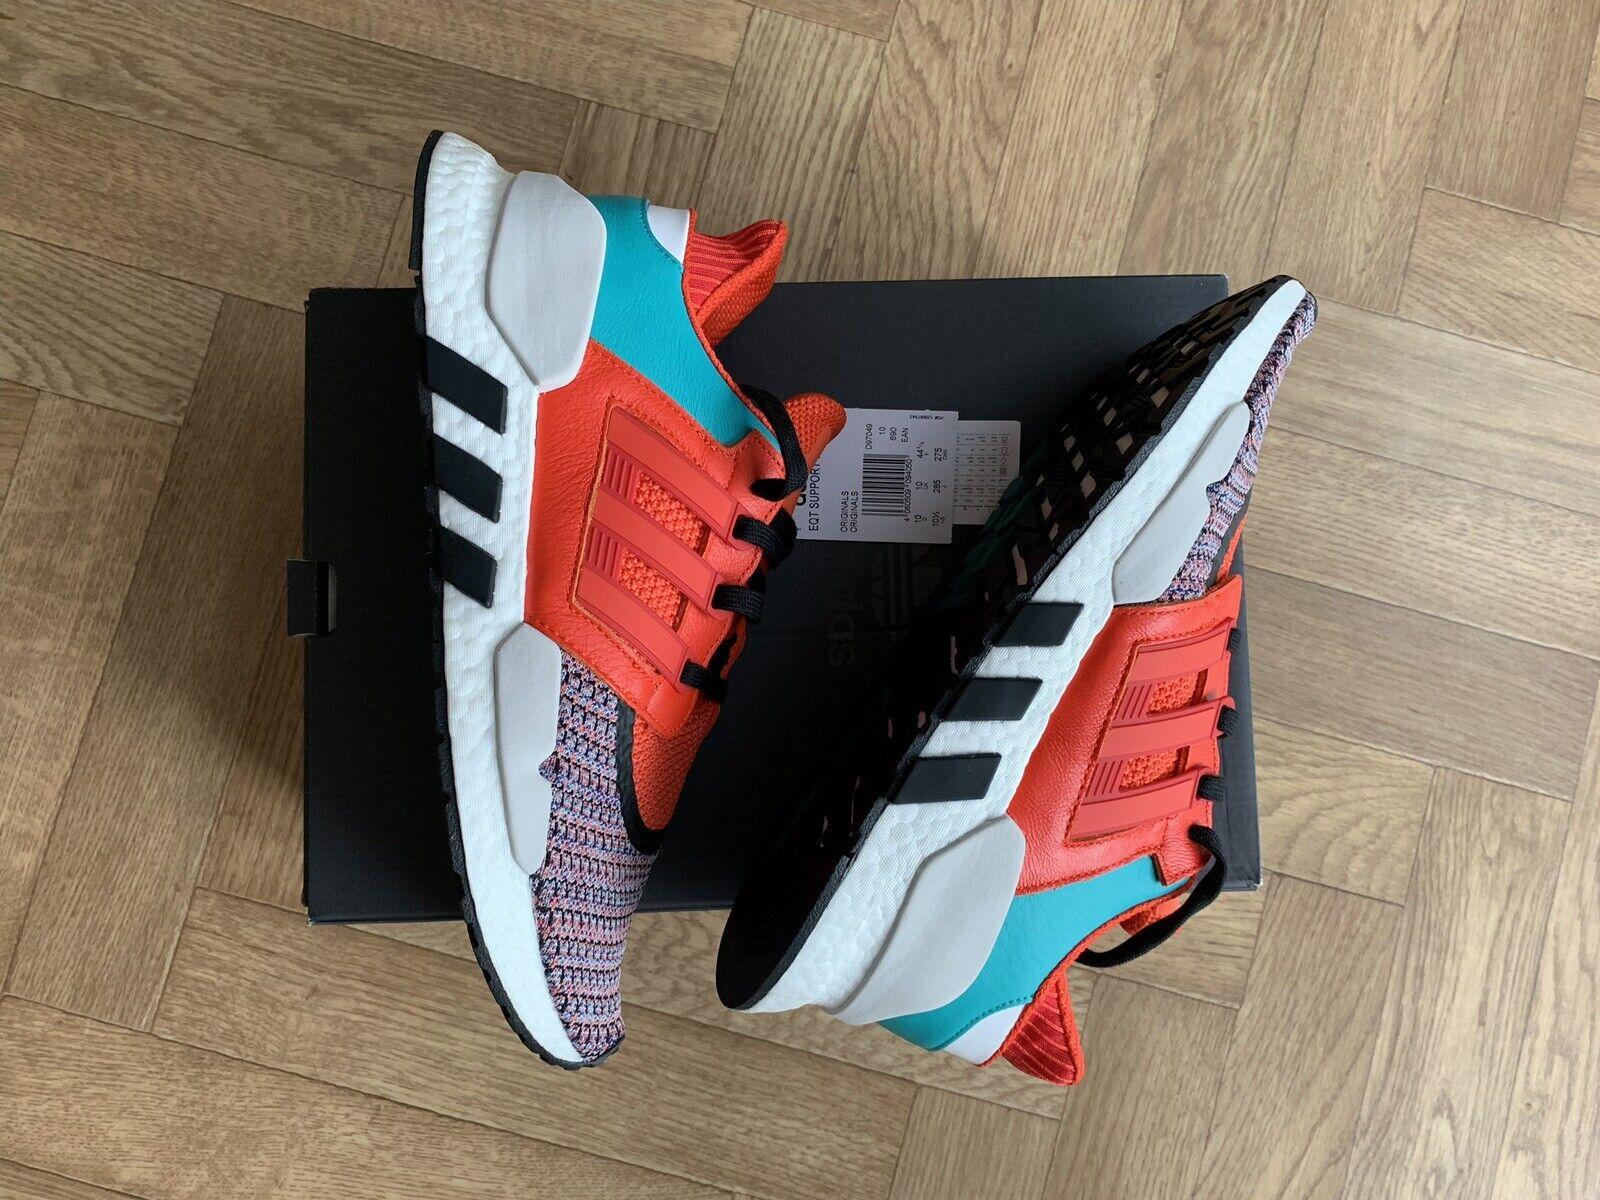 91 New Boxed Quality Uk 10 D97049 Eqt Schuhe 18 Größe Adidas Support kZTiXOPu